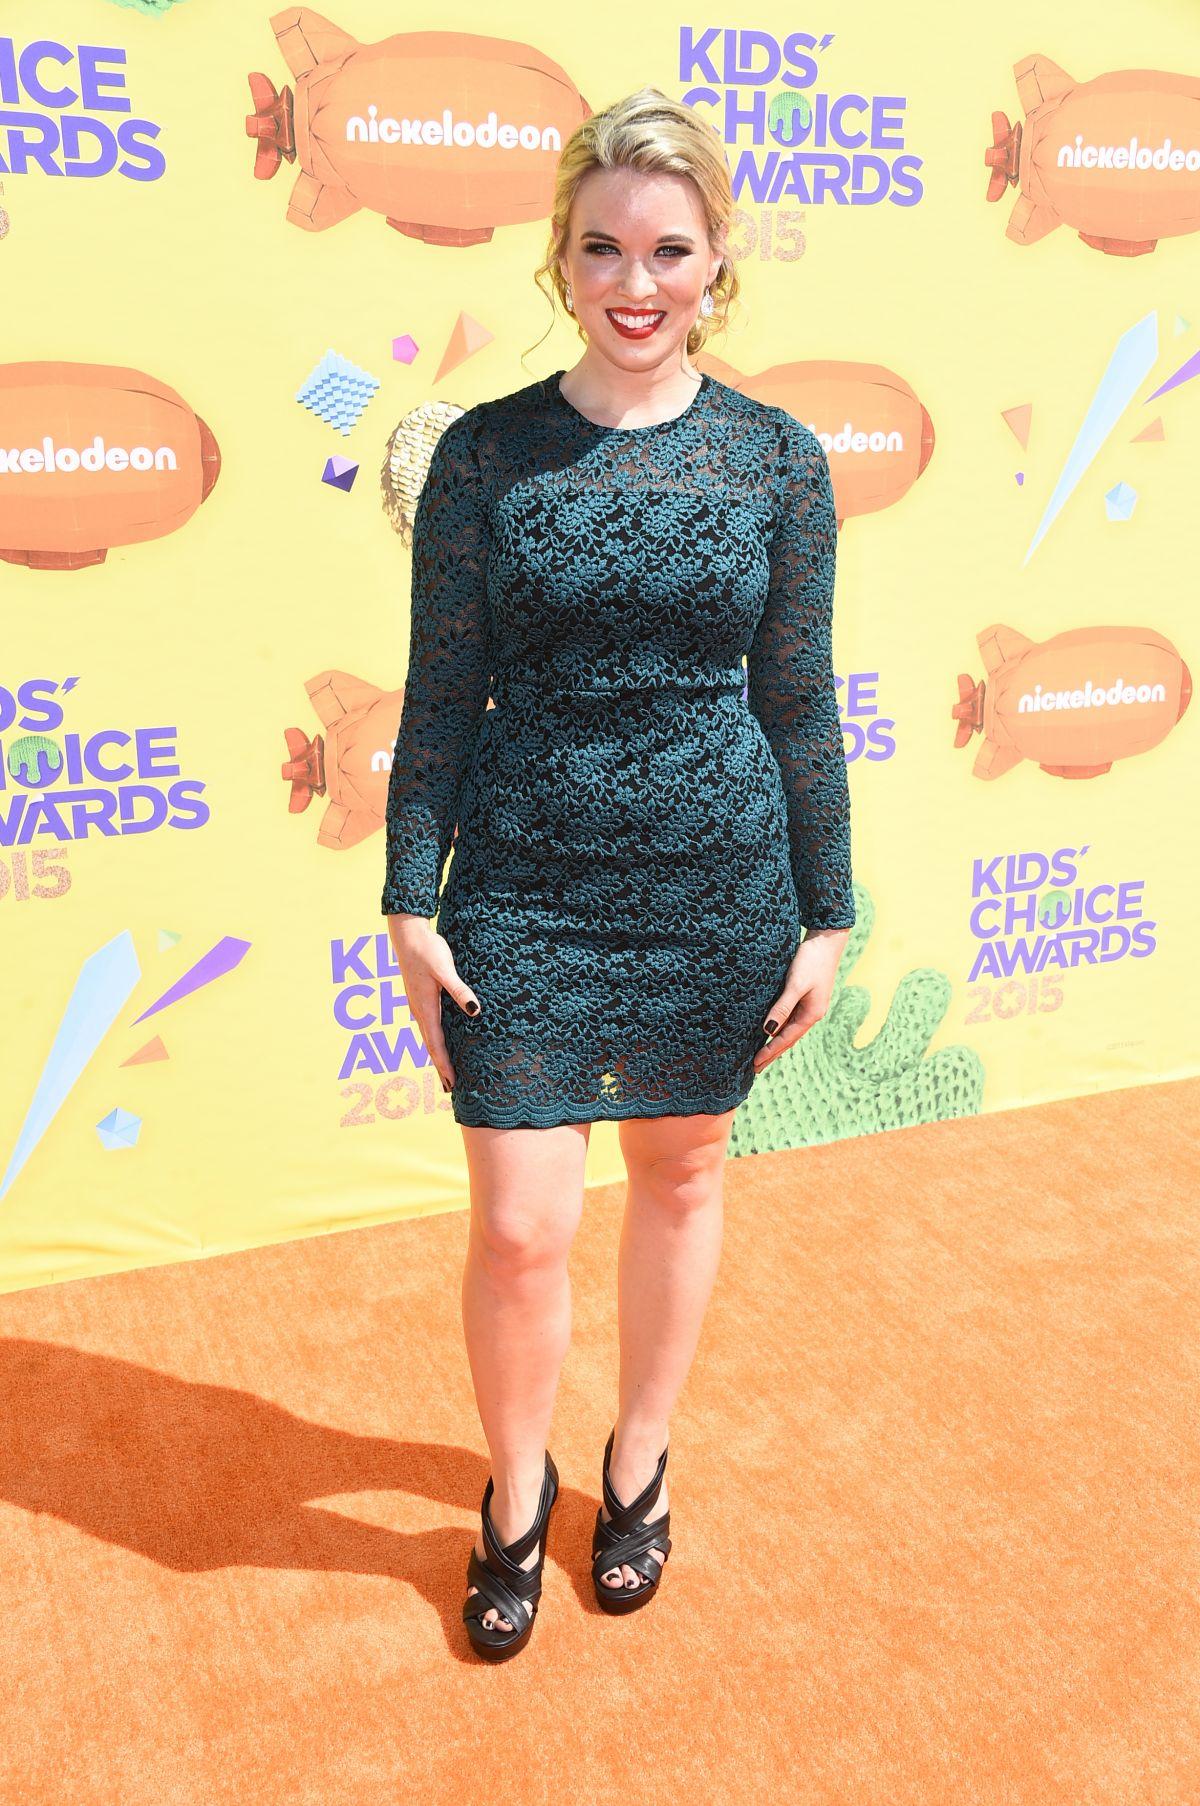 KRISTIN COLEMAN at 2015 Nickelodeon Kids Choice Awards in Inglewood